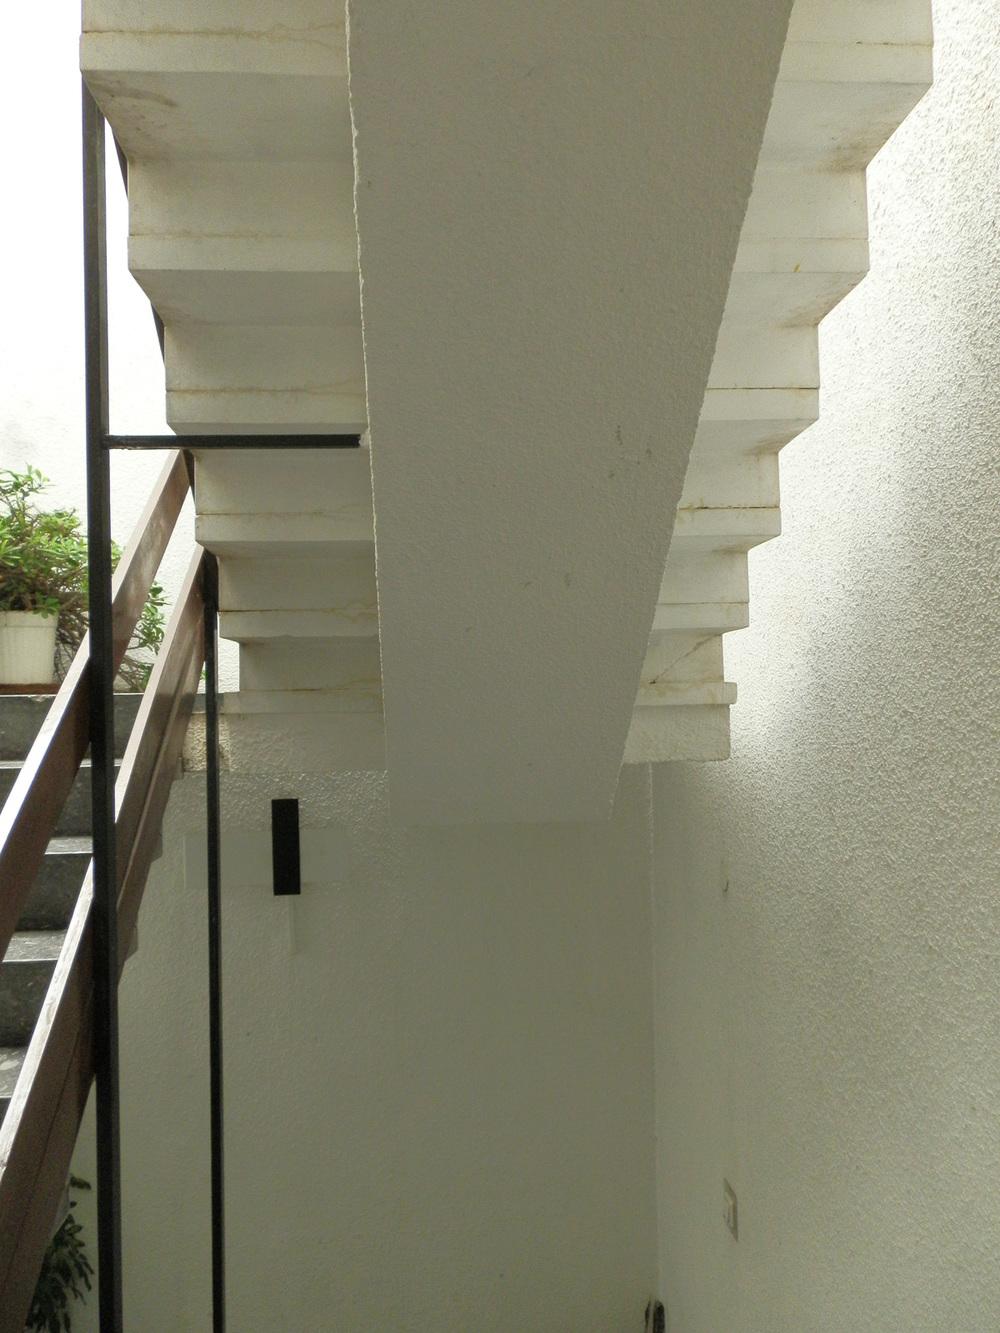 Resim 9: Yapının merdivenler